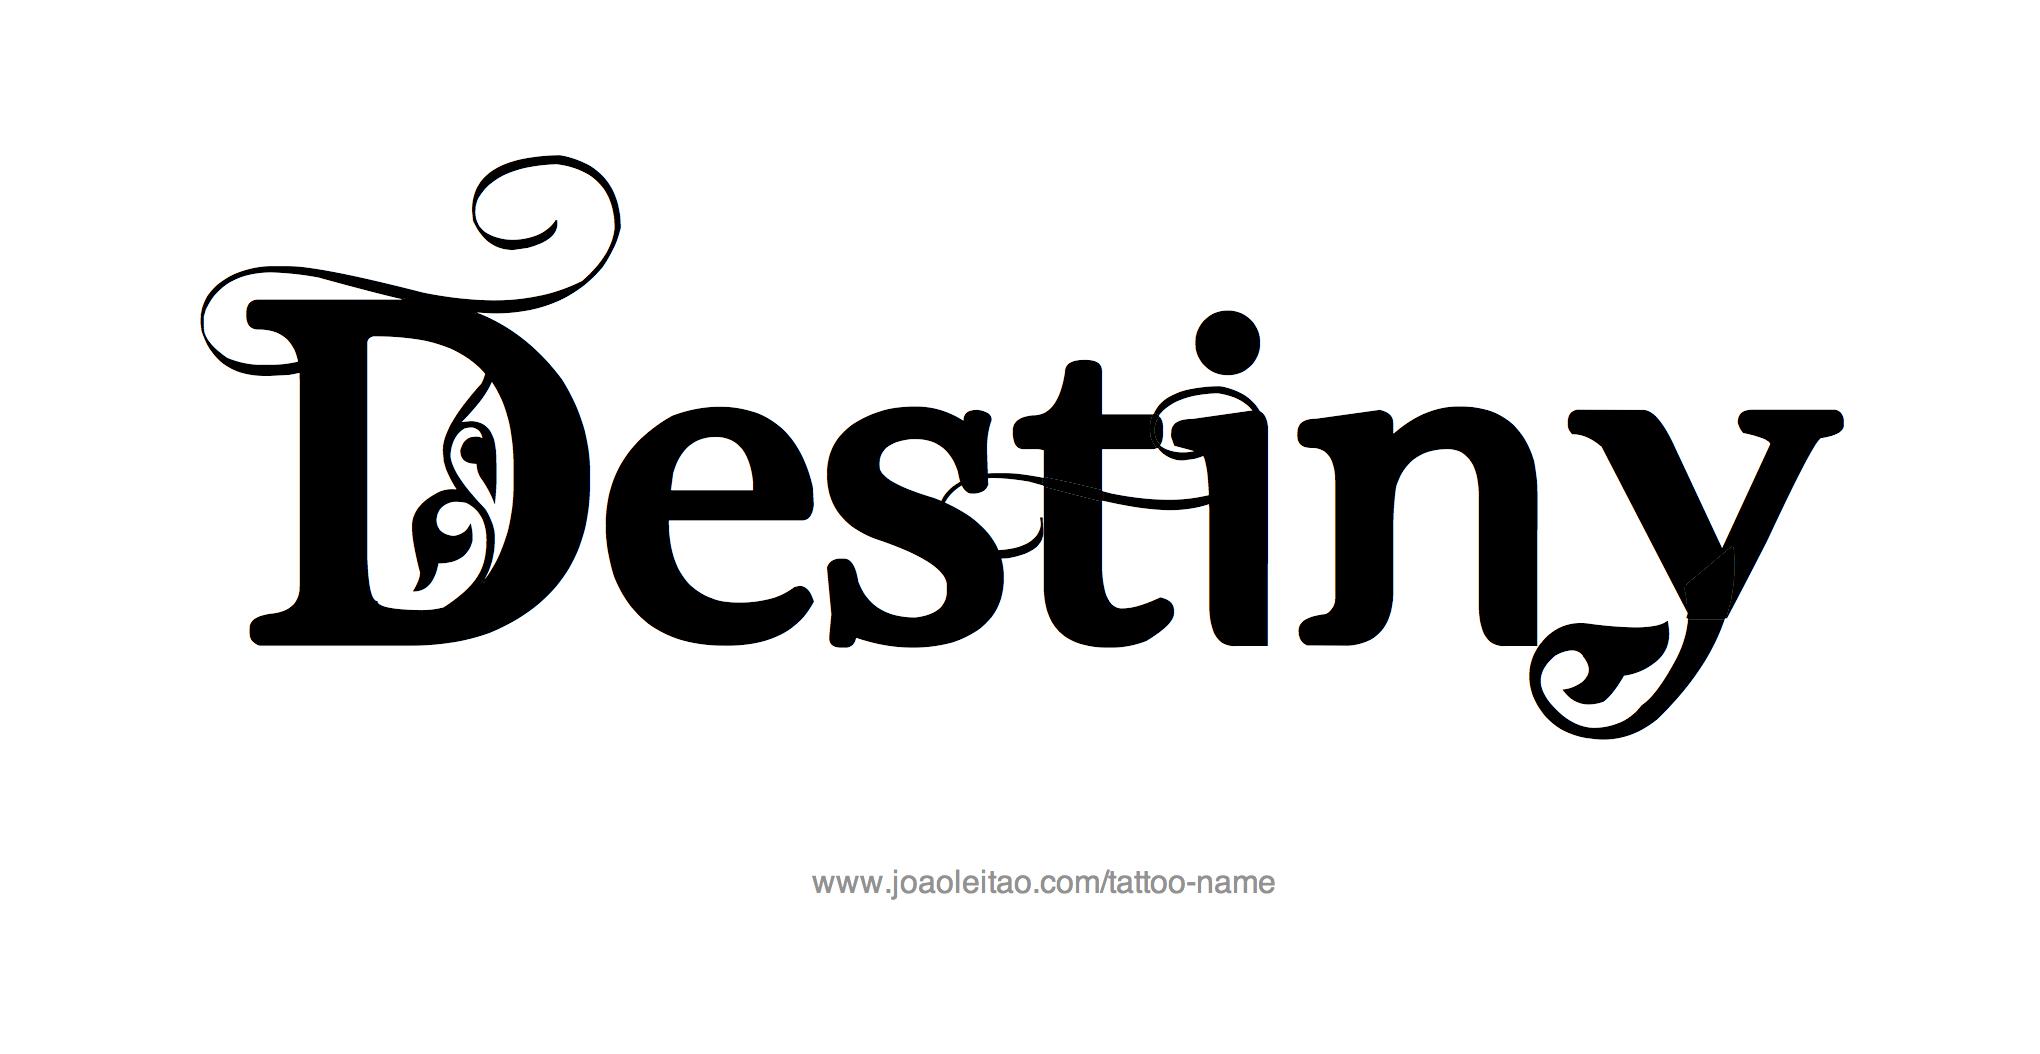 Destiny Name Tattoo Designs Destiny Tattoo Tattoo Word